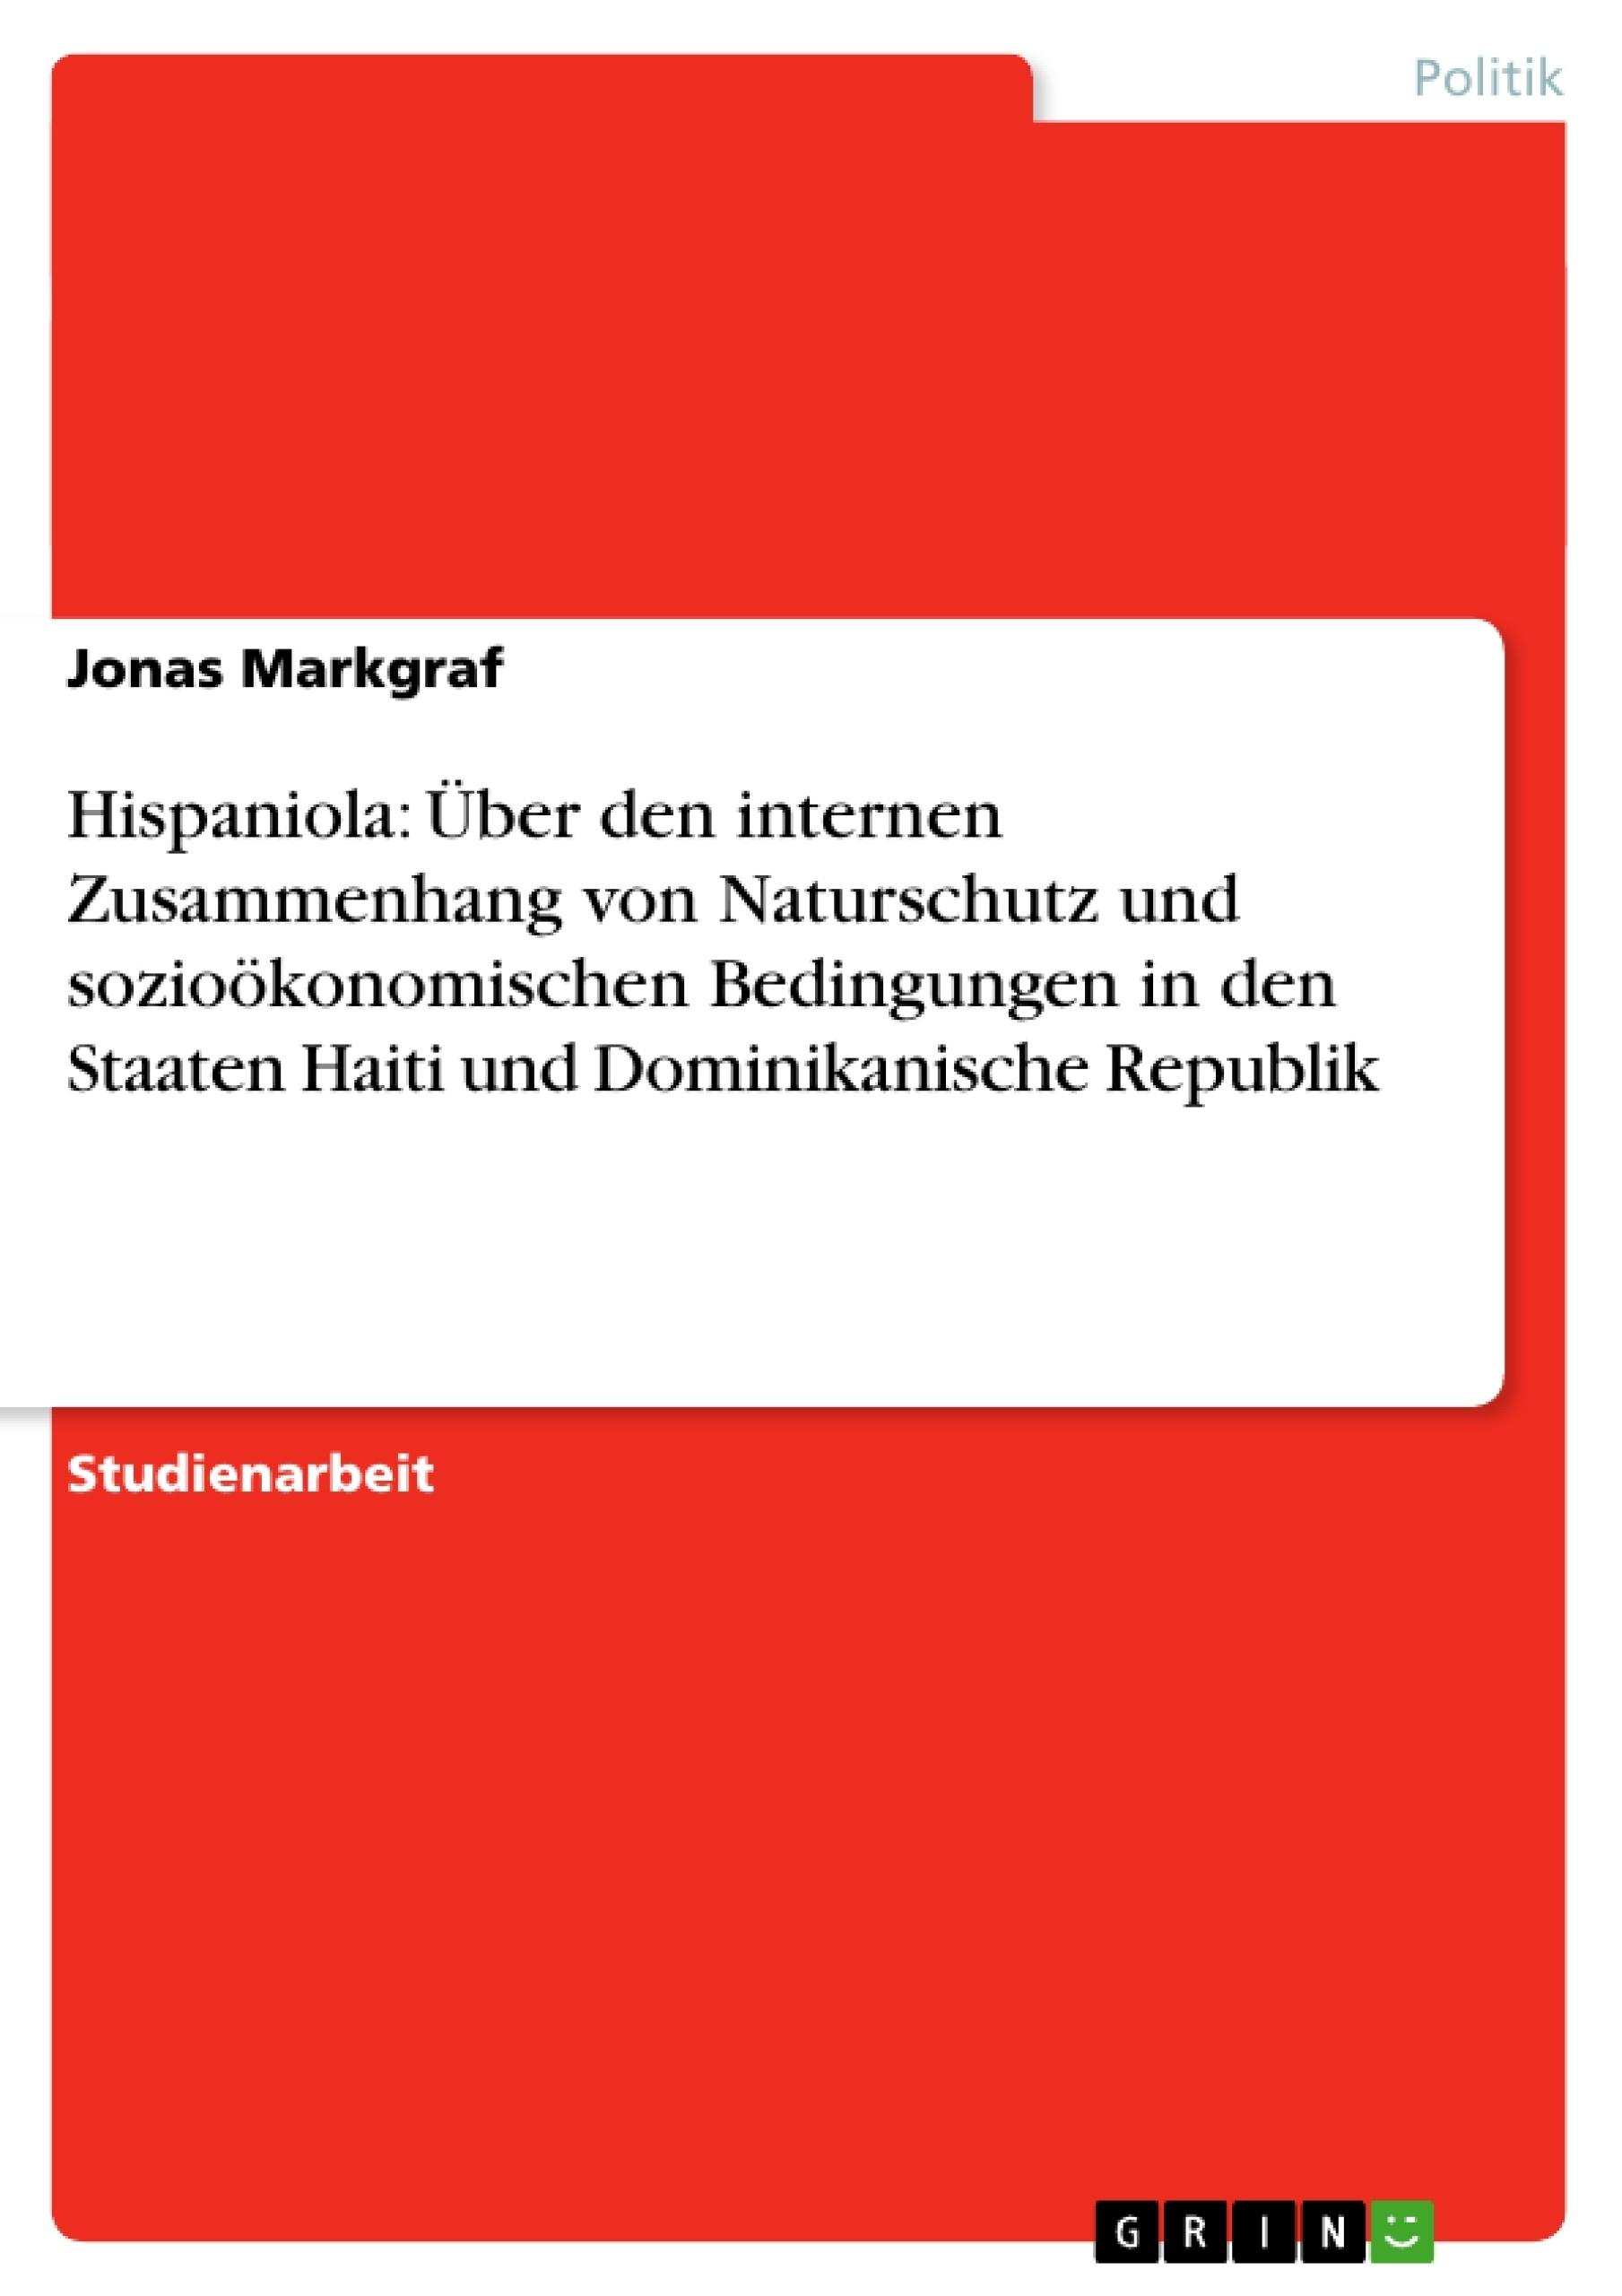 Titel: Hispaniola: Über den internen Zusammenhang von Naturschutz und sozioökonomischen Bedingungen in den Staaten Haiti und Dominikanische Republik